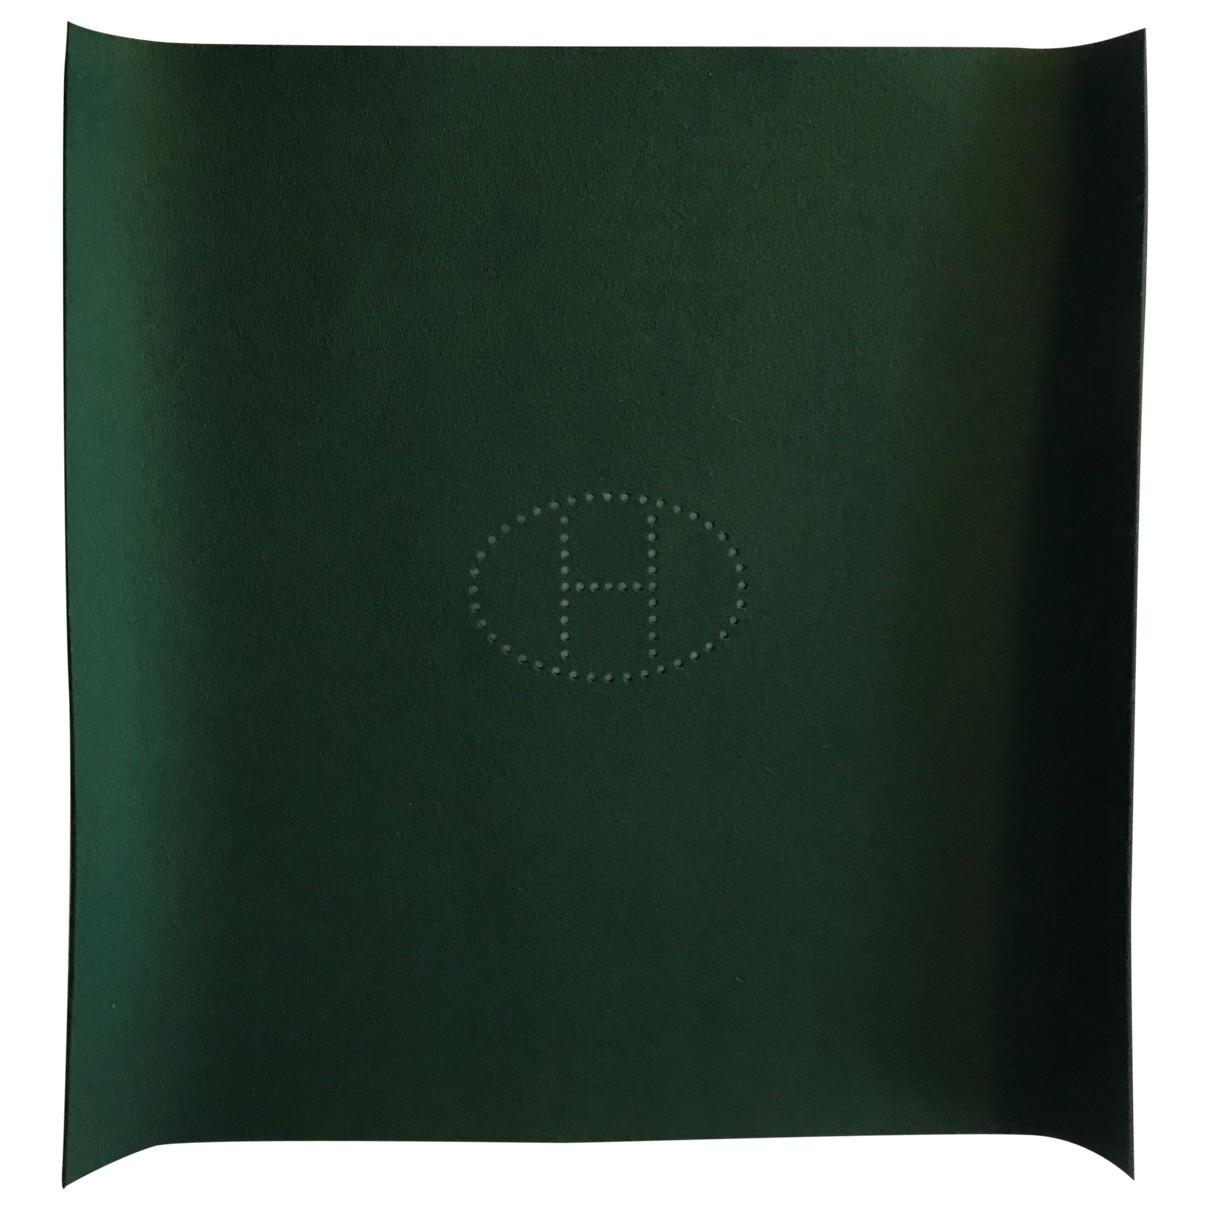 Hermes - Objets & Deco H Deco pour lifestyle en laine - vert